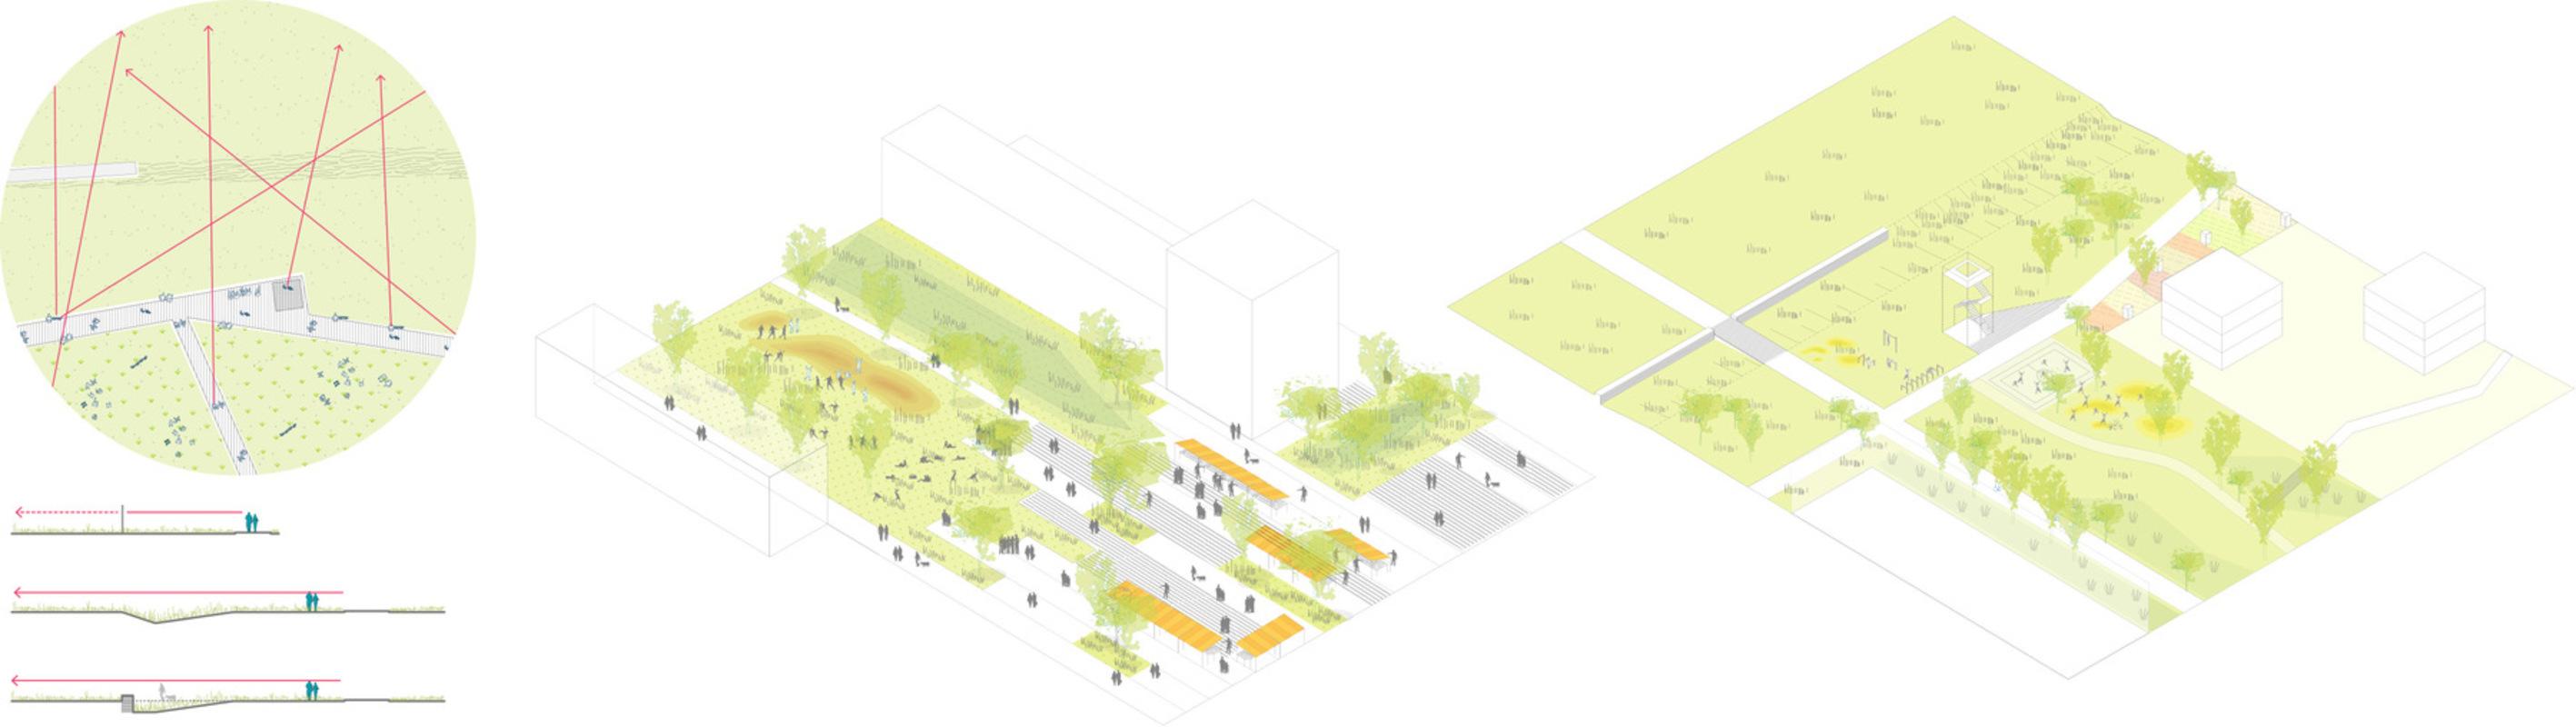 Tamandua - Open spaces schemes